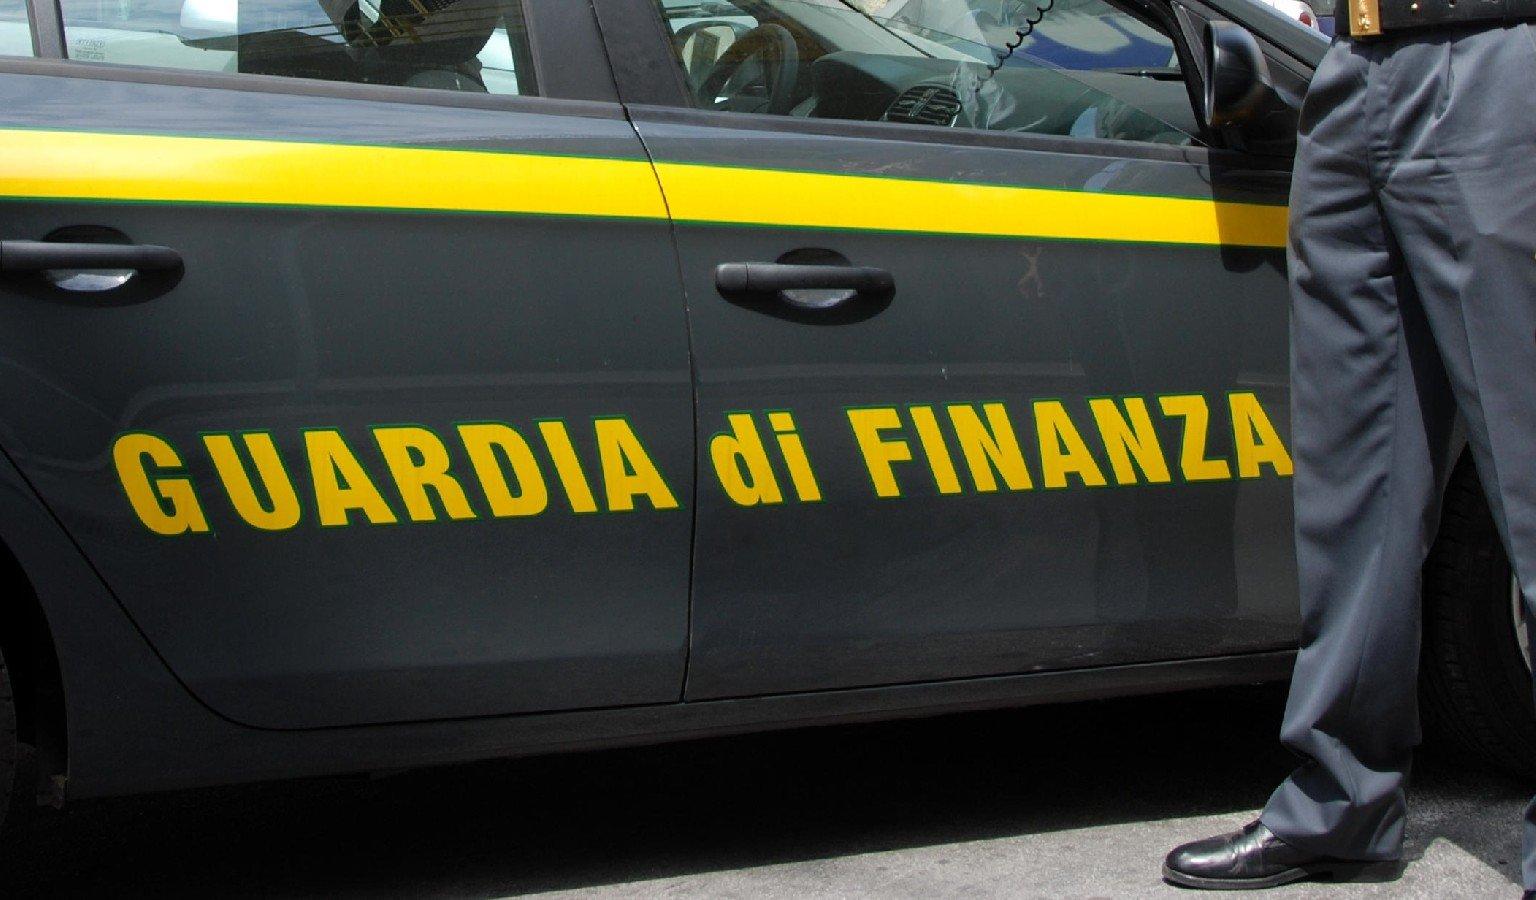 La Guardia di Finanza Apricena